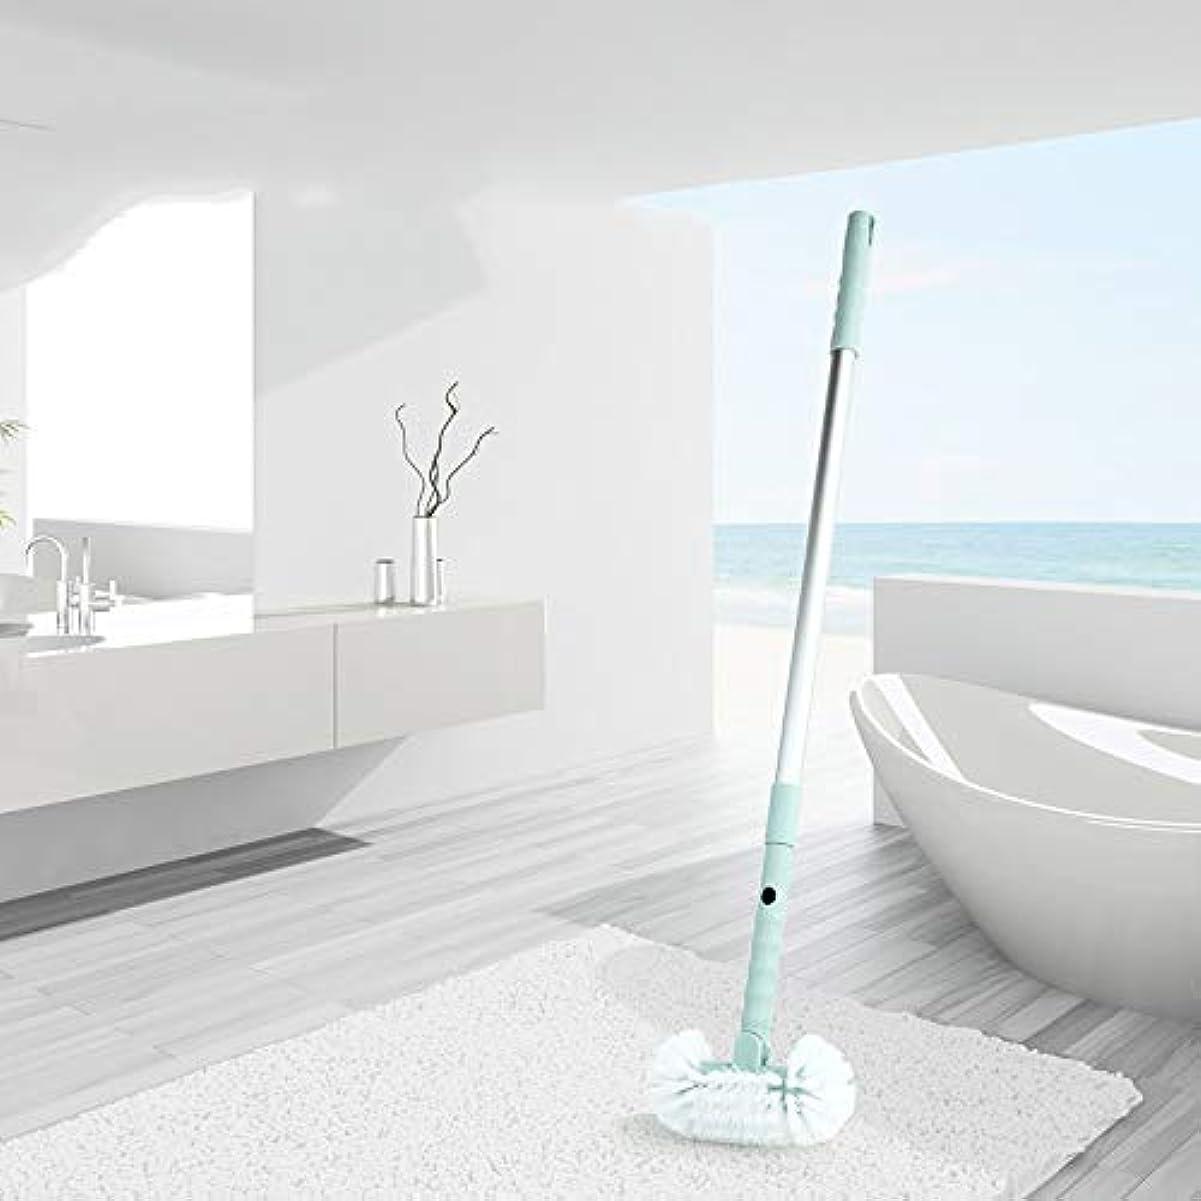 アジテーションフェリー引退するポアクリーニング ホームバスルーム引き戻し可能なハードブラシトイレ浴室バスタブフロアクリーニングブラシ マッサージブラシ